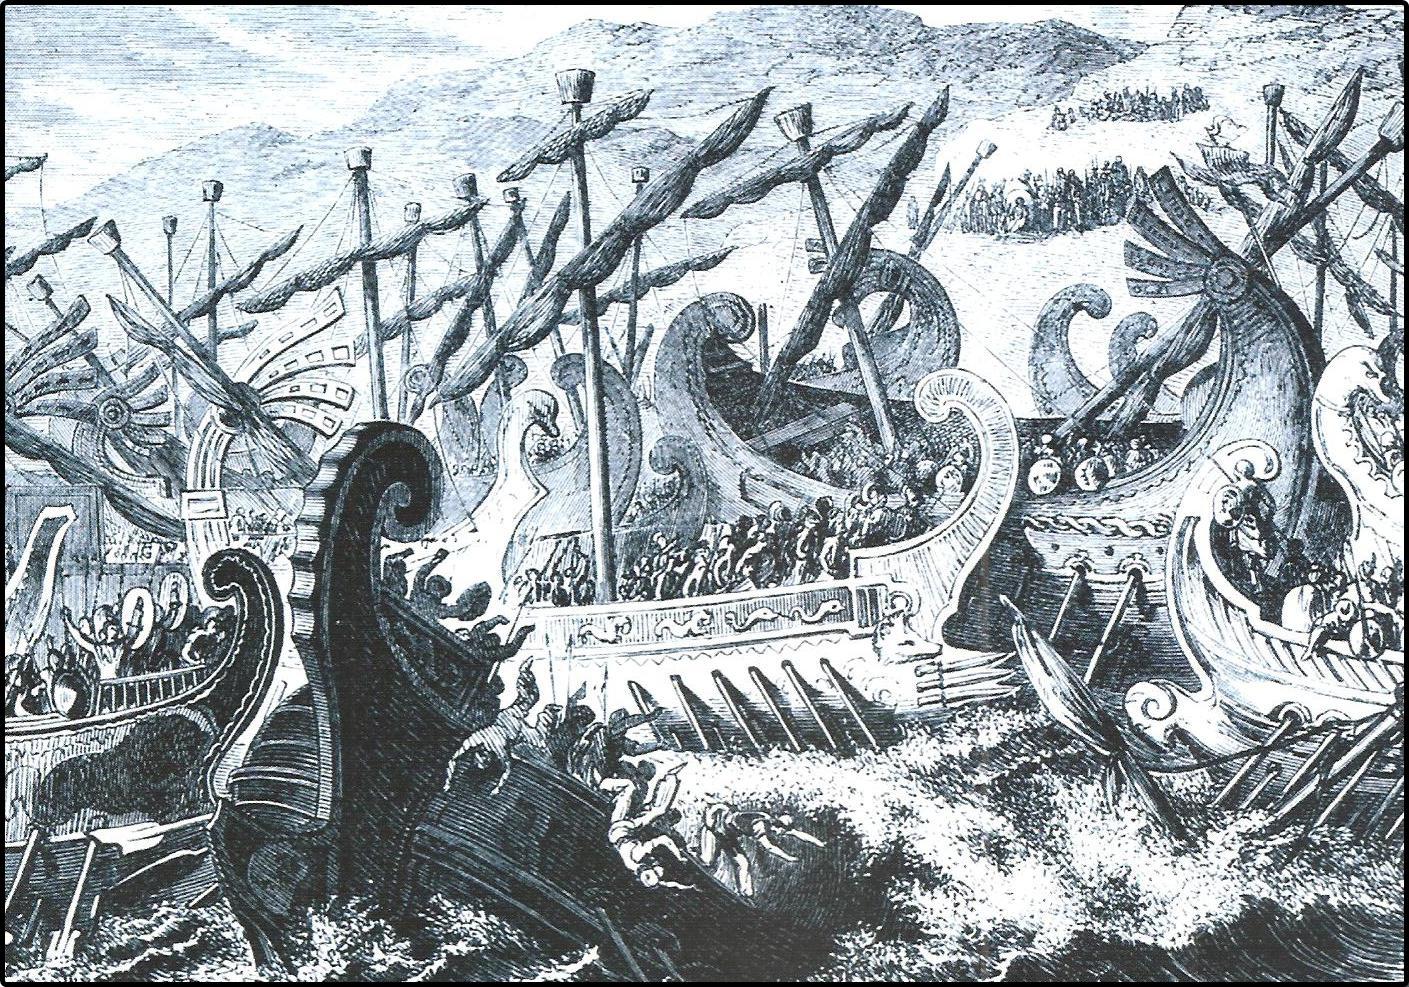 Ilustración de la batalla naval de Salamina, 480 a.c.